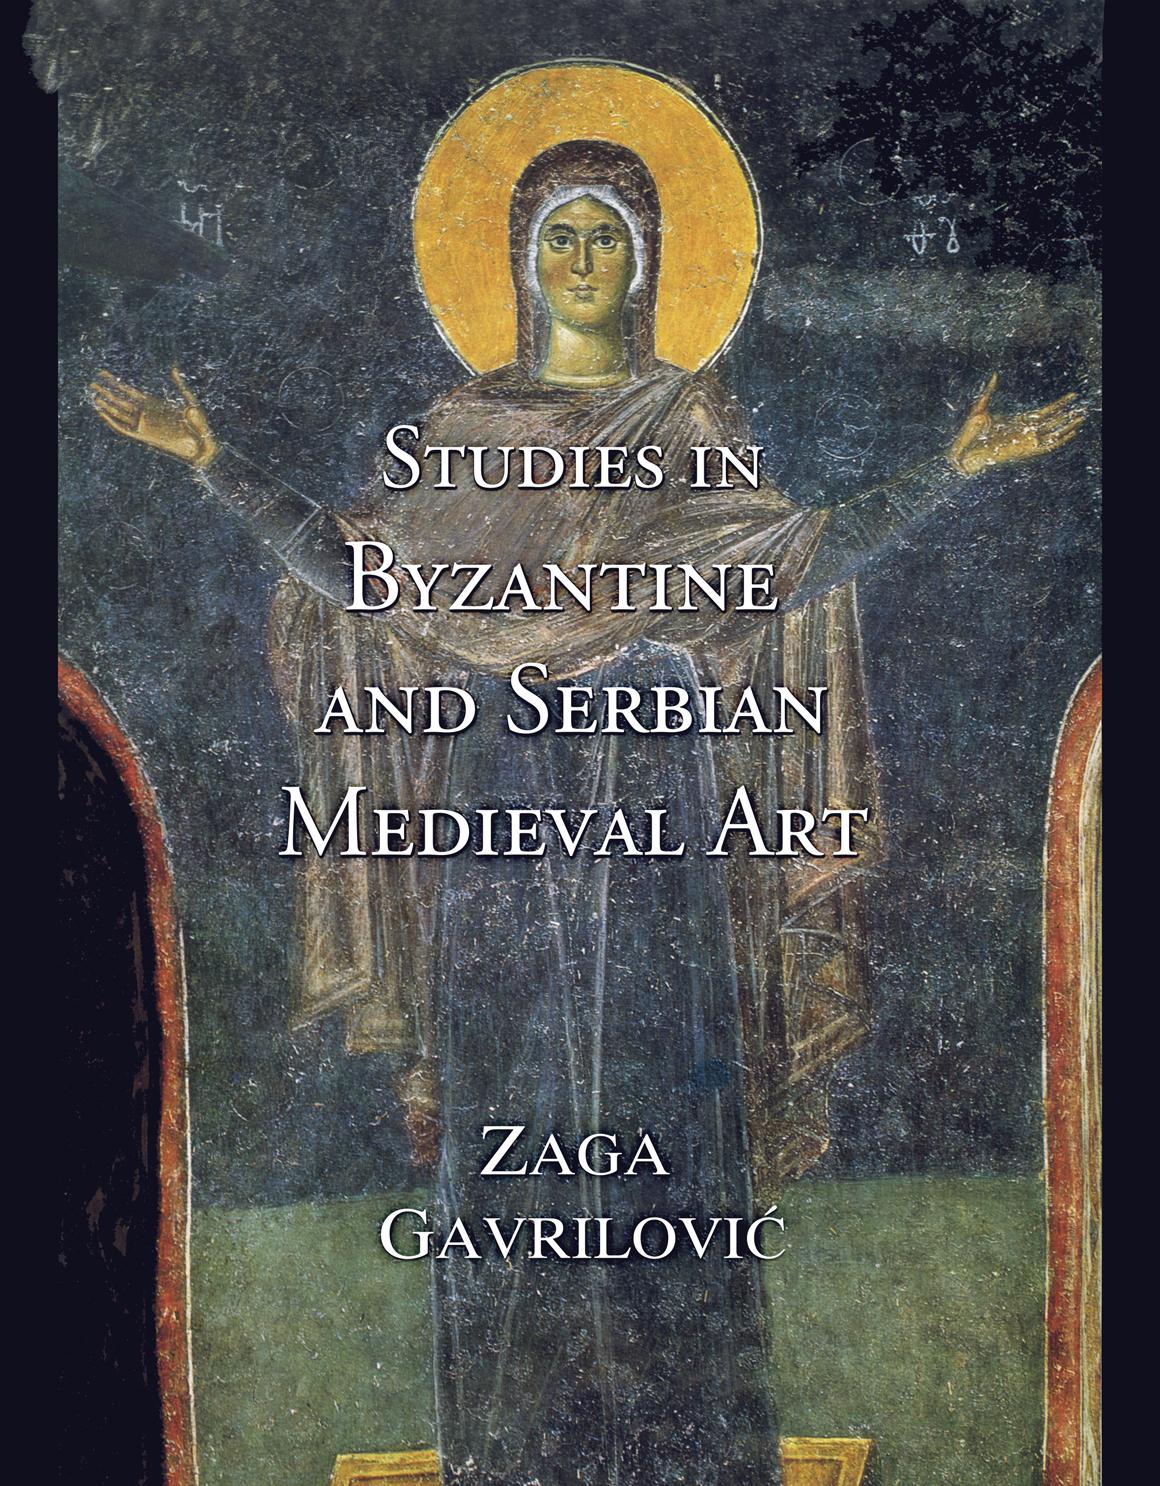 Zaga Gavrilovic